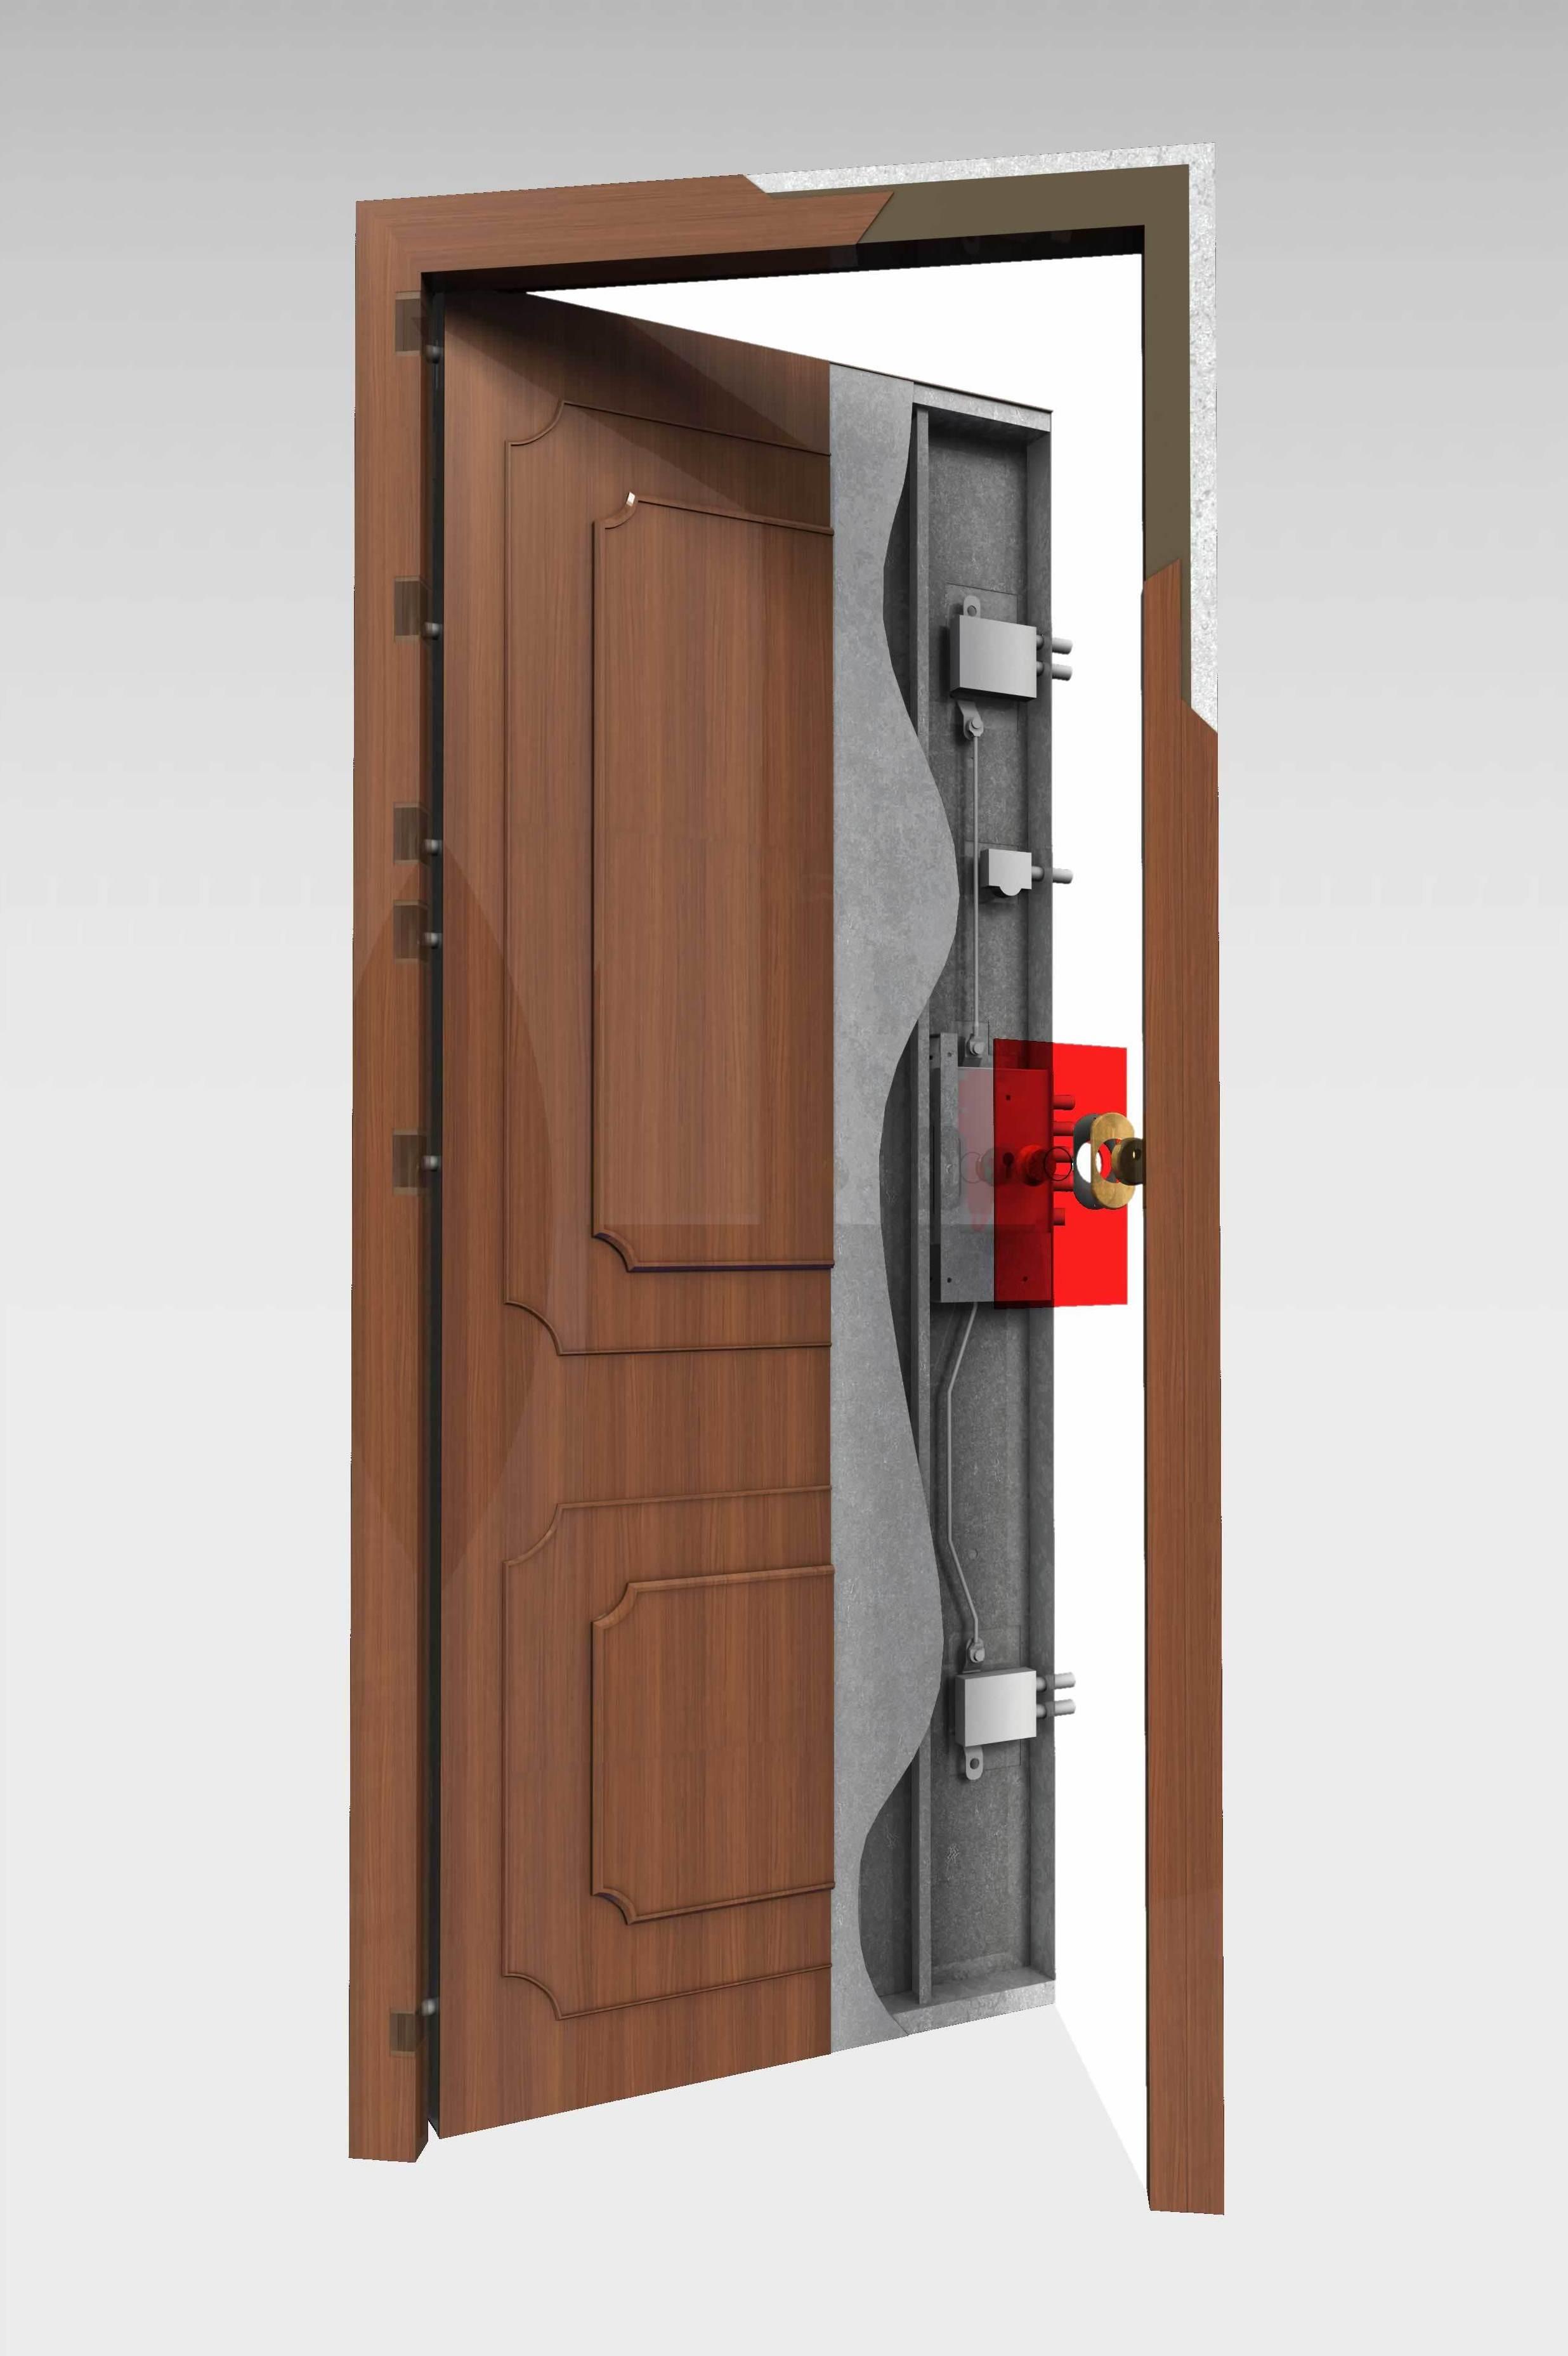 9 2 acorazada 310 productos de puertas miret for Puertas blindadas precios